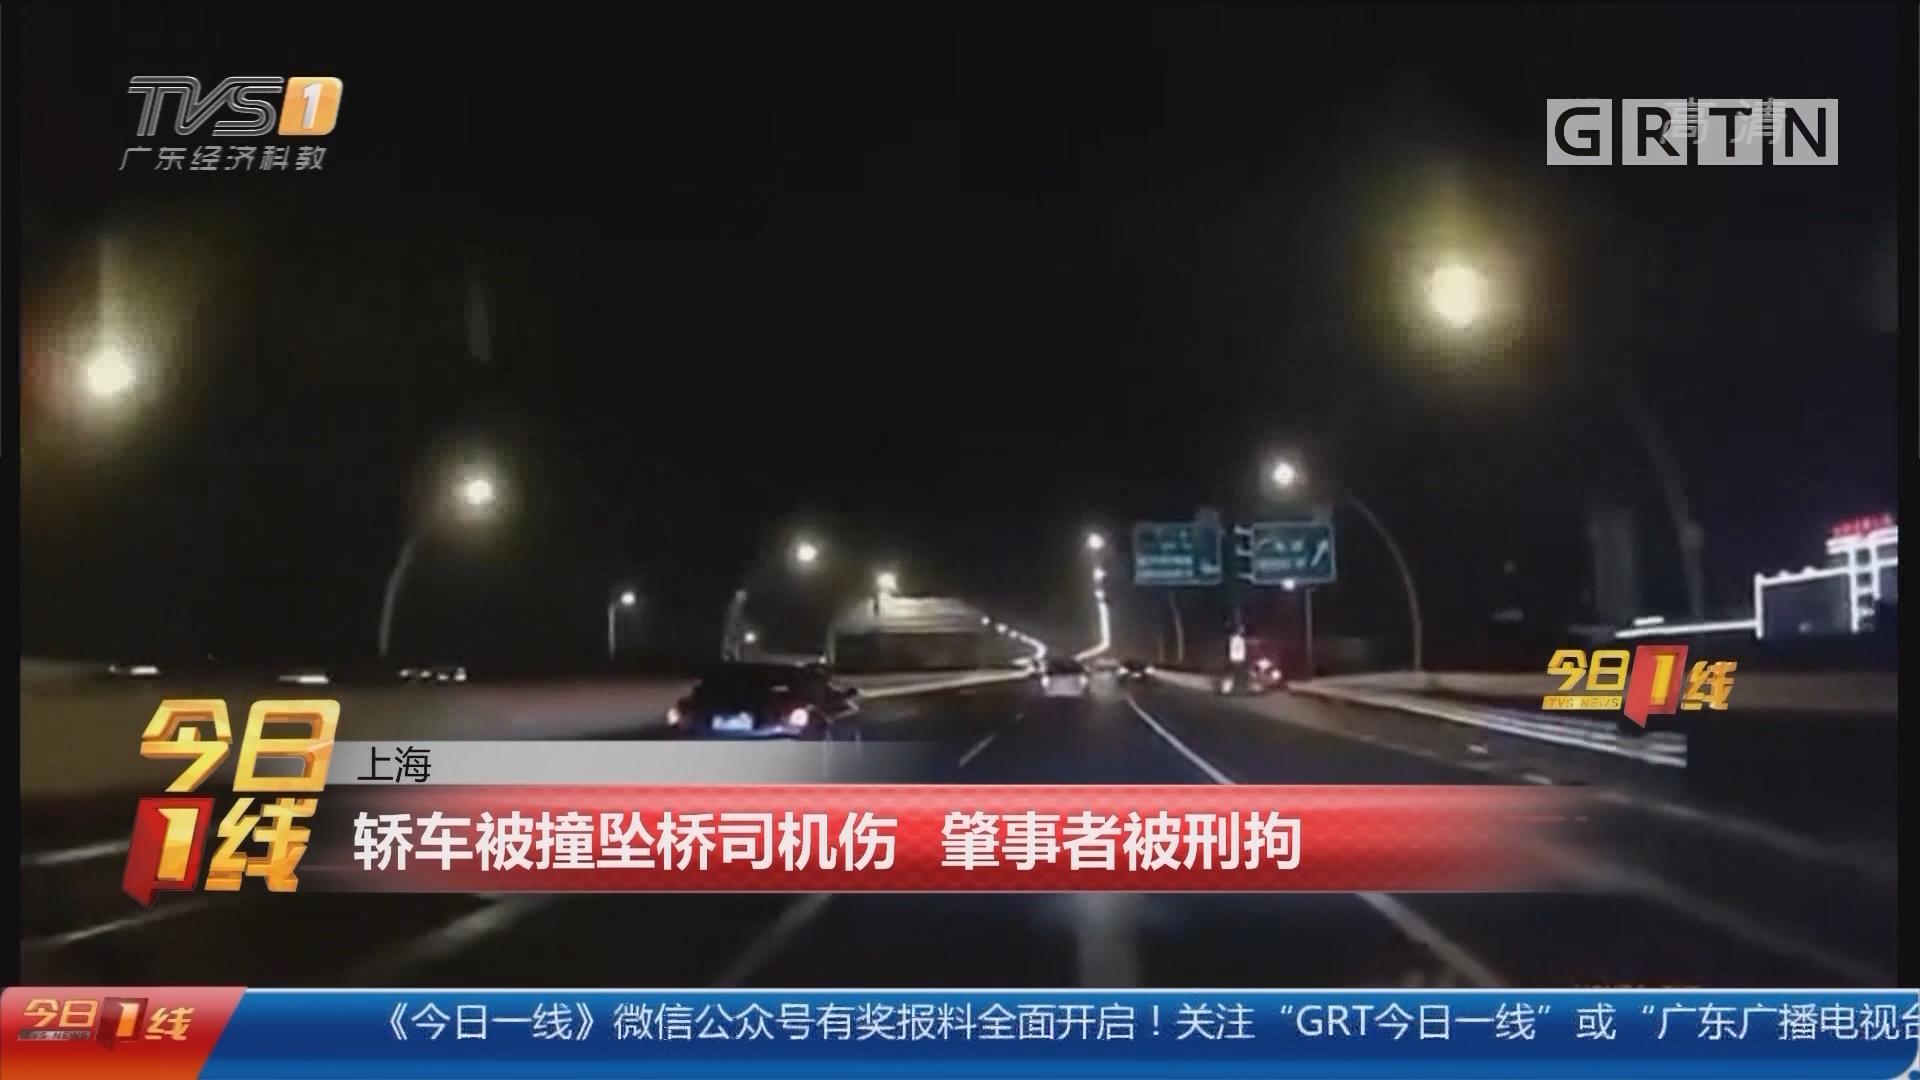 上海:轿车被撞坠桥司机伤 肇事者被刑拘